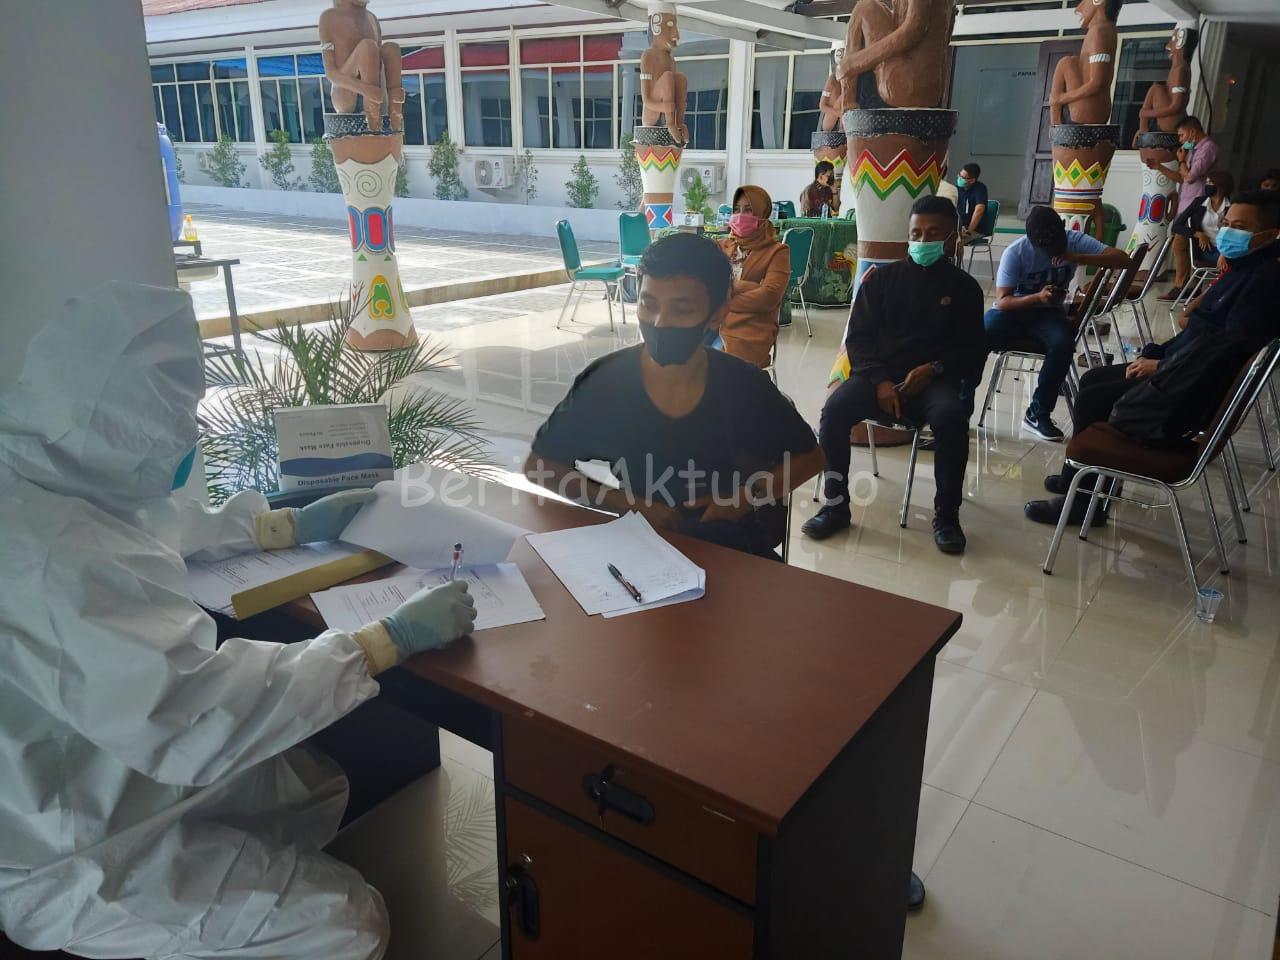 Hari Kedua, Kejati Papua Barat Buka Pemeriksaan Swab Gratis Untuk Masyarakat 26 IMG 20200612 WA0033